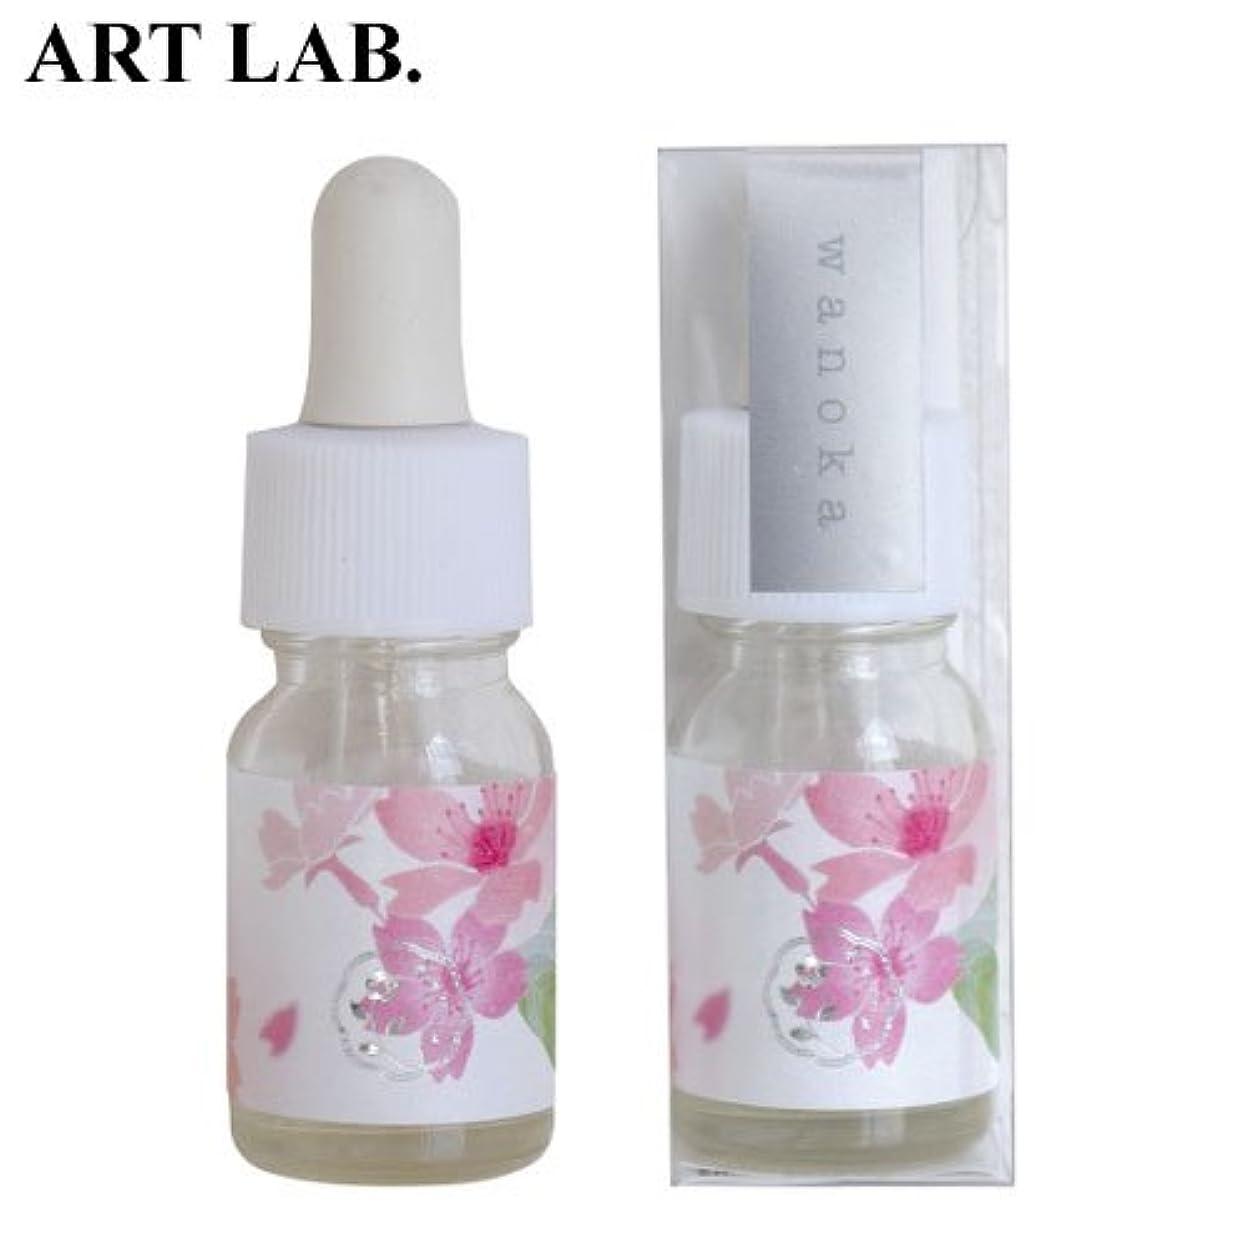 対抗楽な枢機卿wanoka香油アロマオイル桜《桜をイメージした甘い香り》ART LABAromatic oil